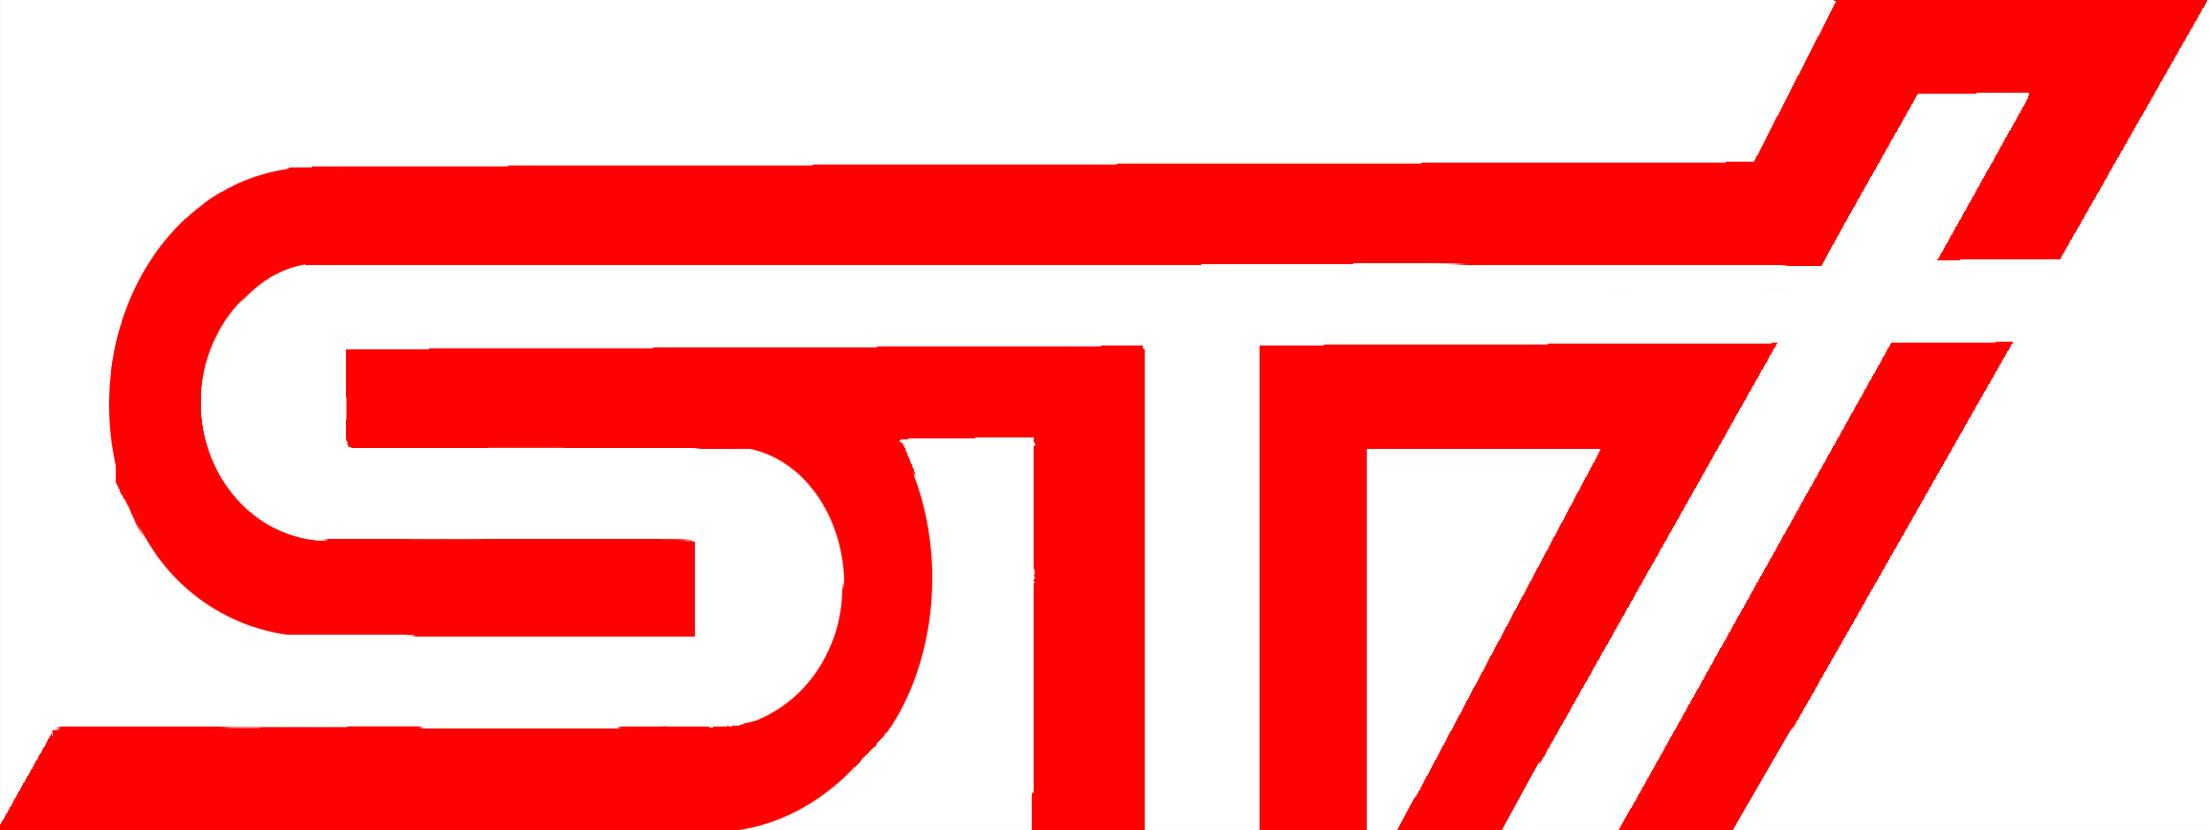 SUBARU ST RED